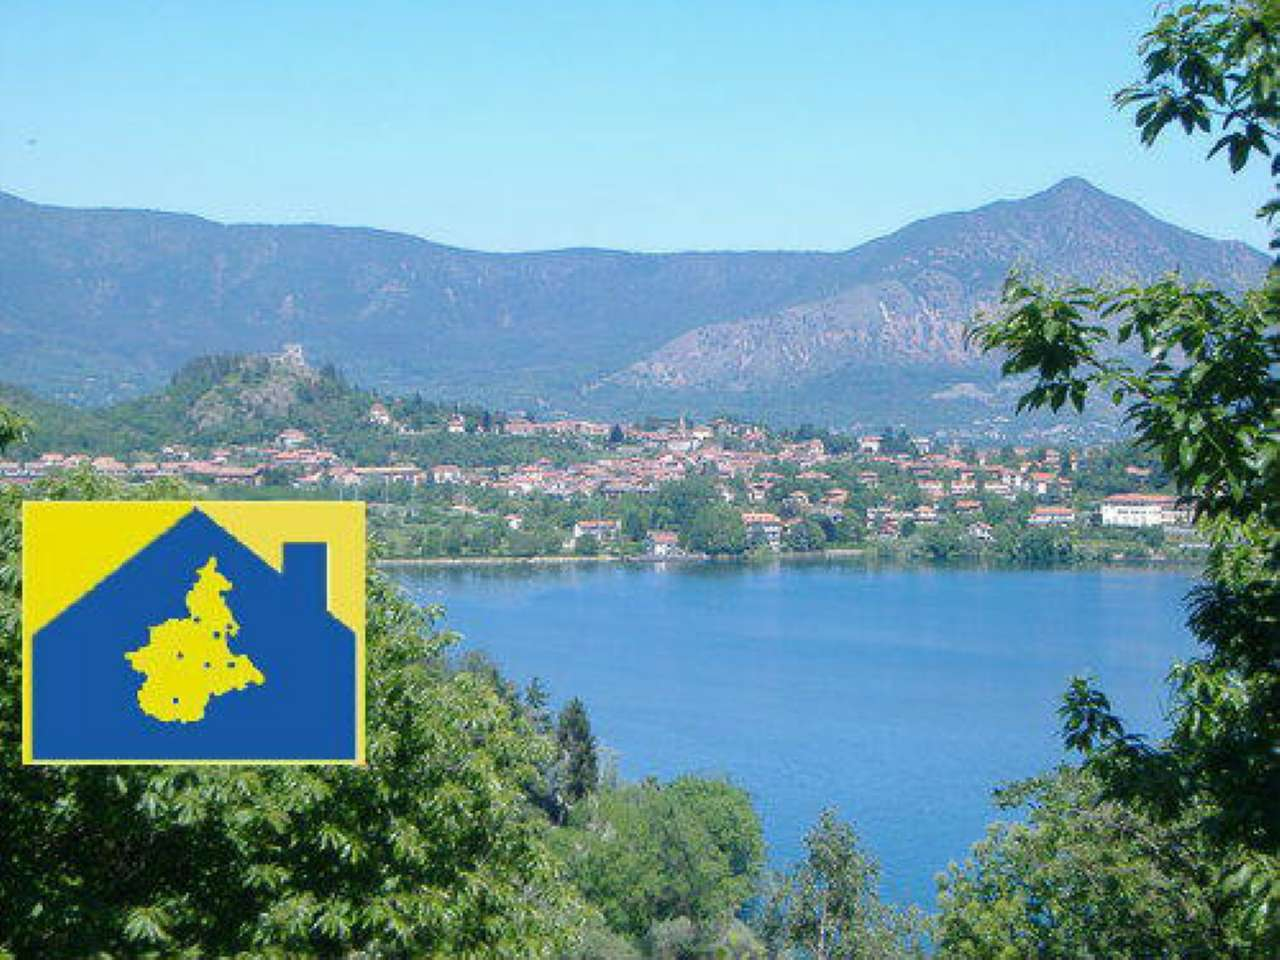 Villa Bifamiliare in vendita a Avigliana, 10 locali, prezzo € 660.000 | CambioCasa.it